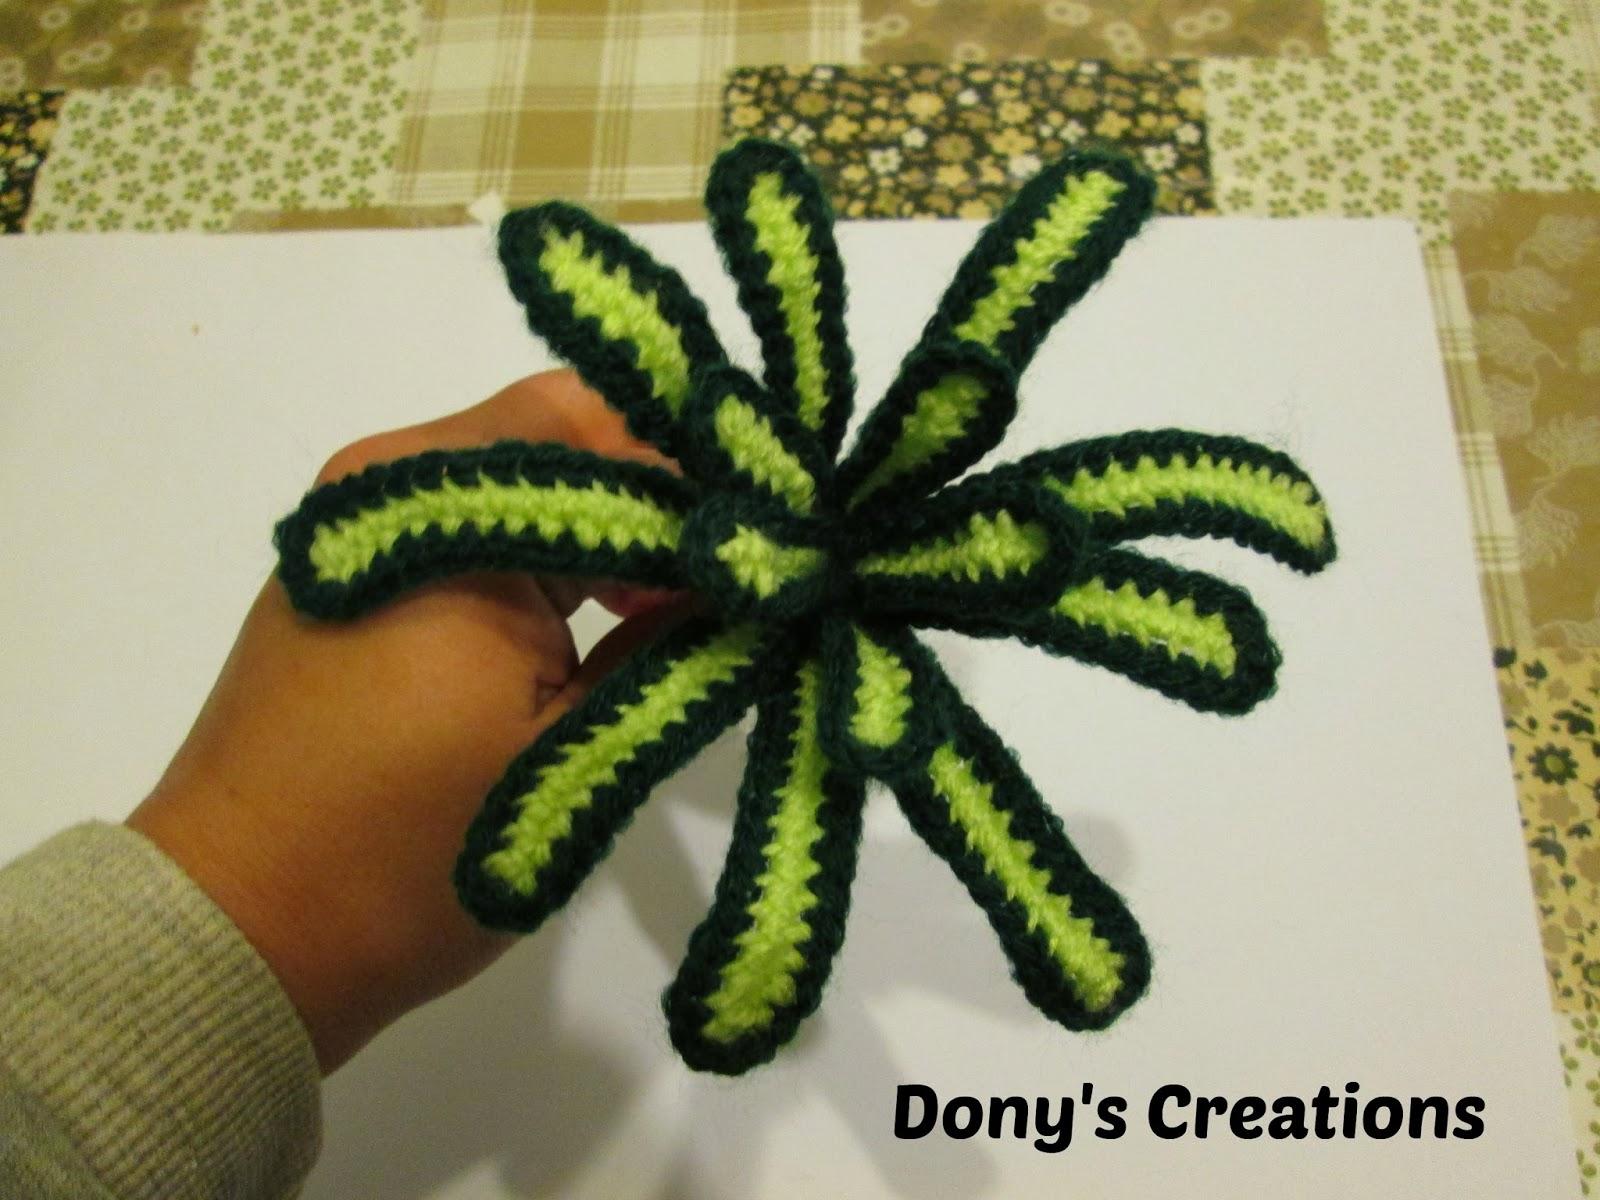 amigurumi Cactus a foglie amigurumi free pattern schemi gratis amigurumi amigurumi free dowload